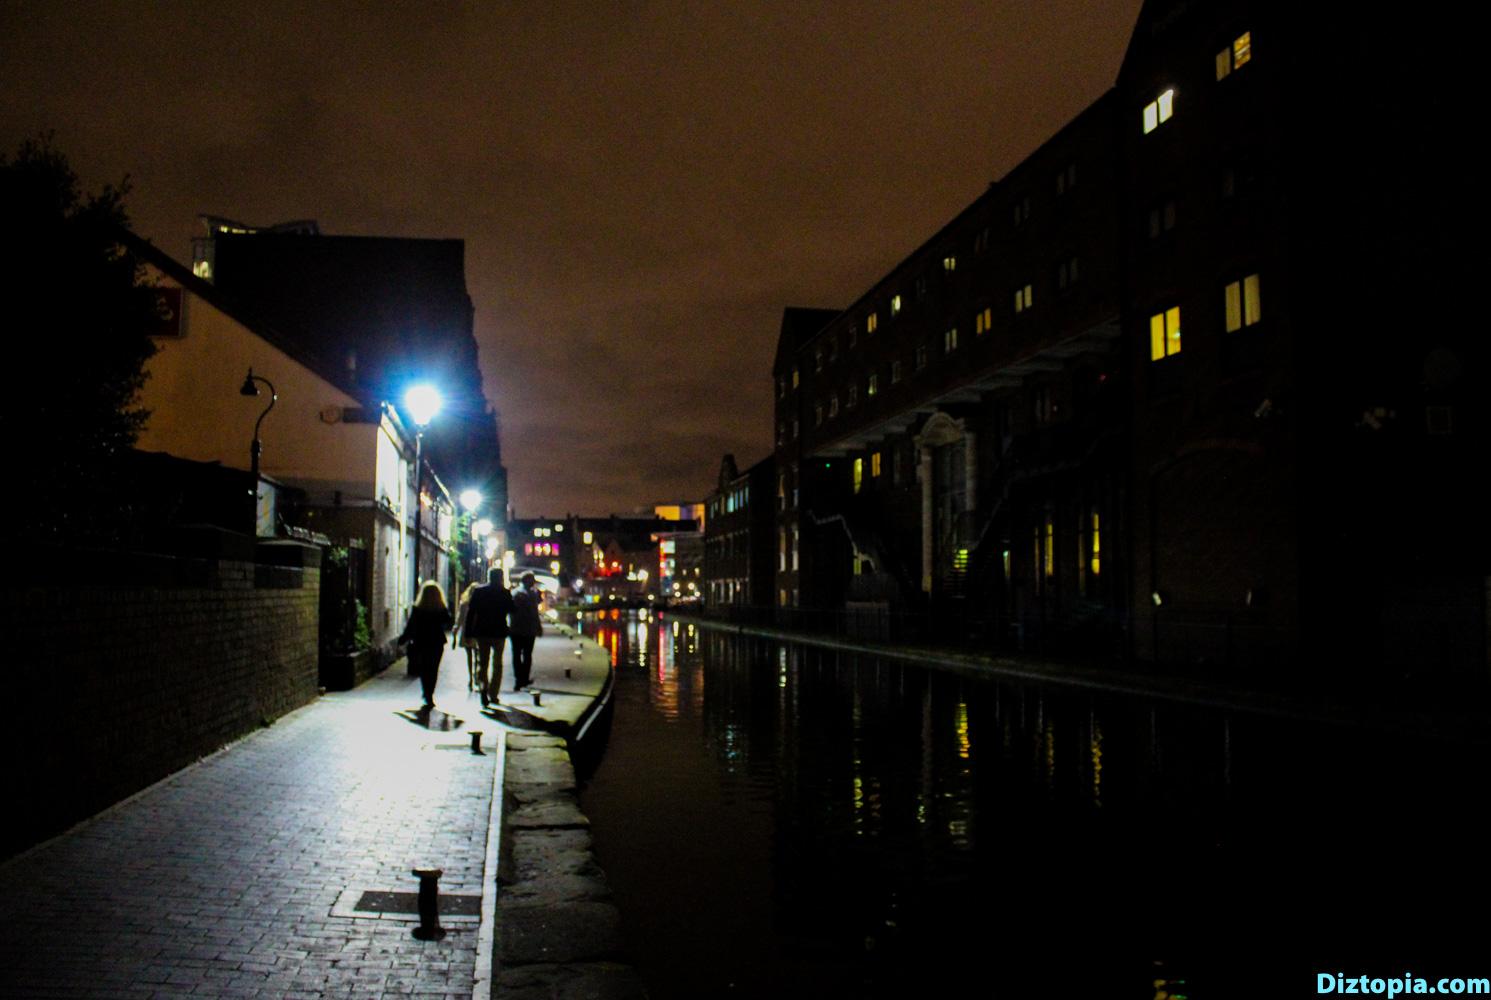 Birmingham-Canal-City-Diztopia-Photography-Night-Dizma-Dahl-China-Town-UK-Blog-24